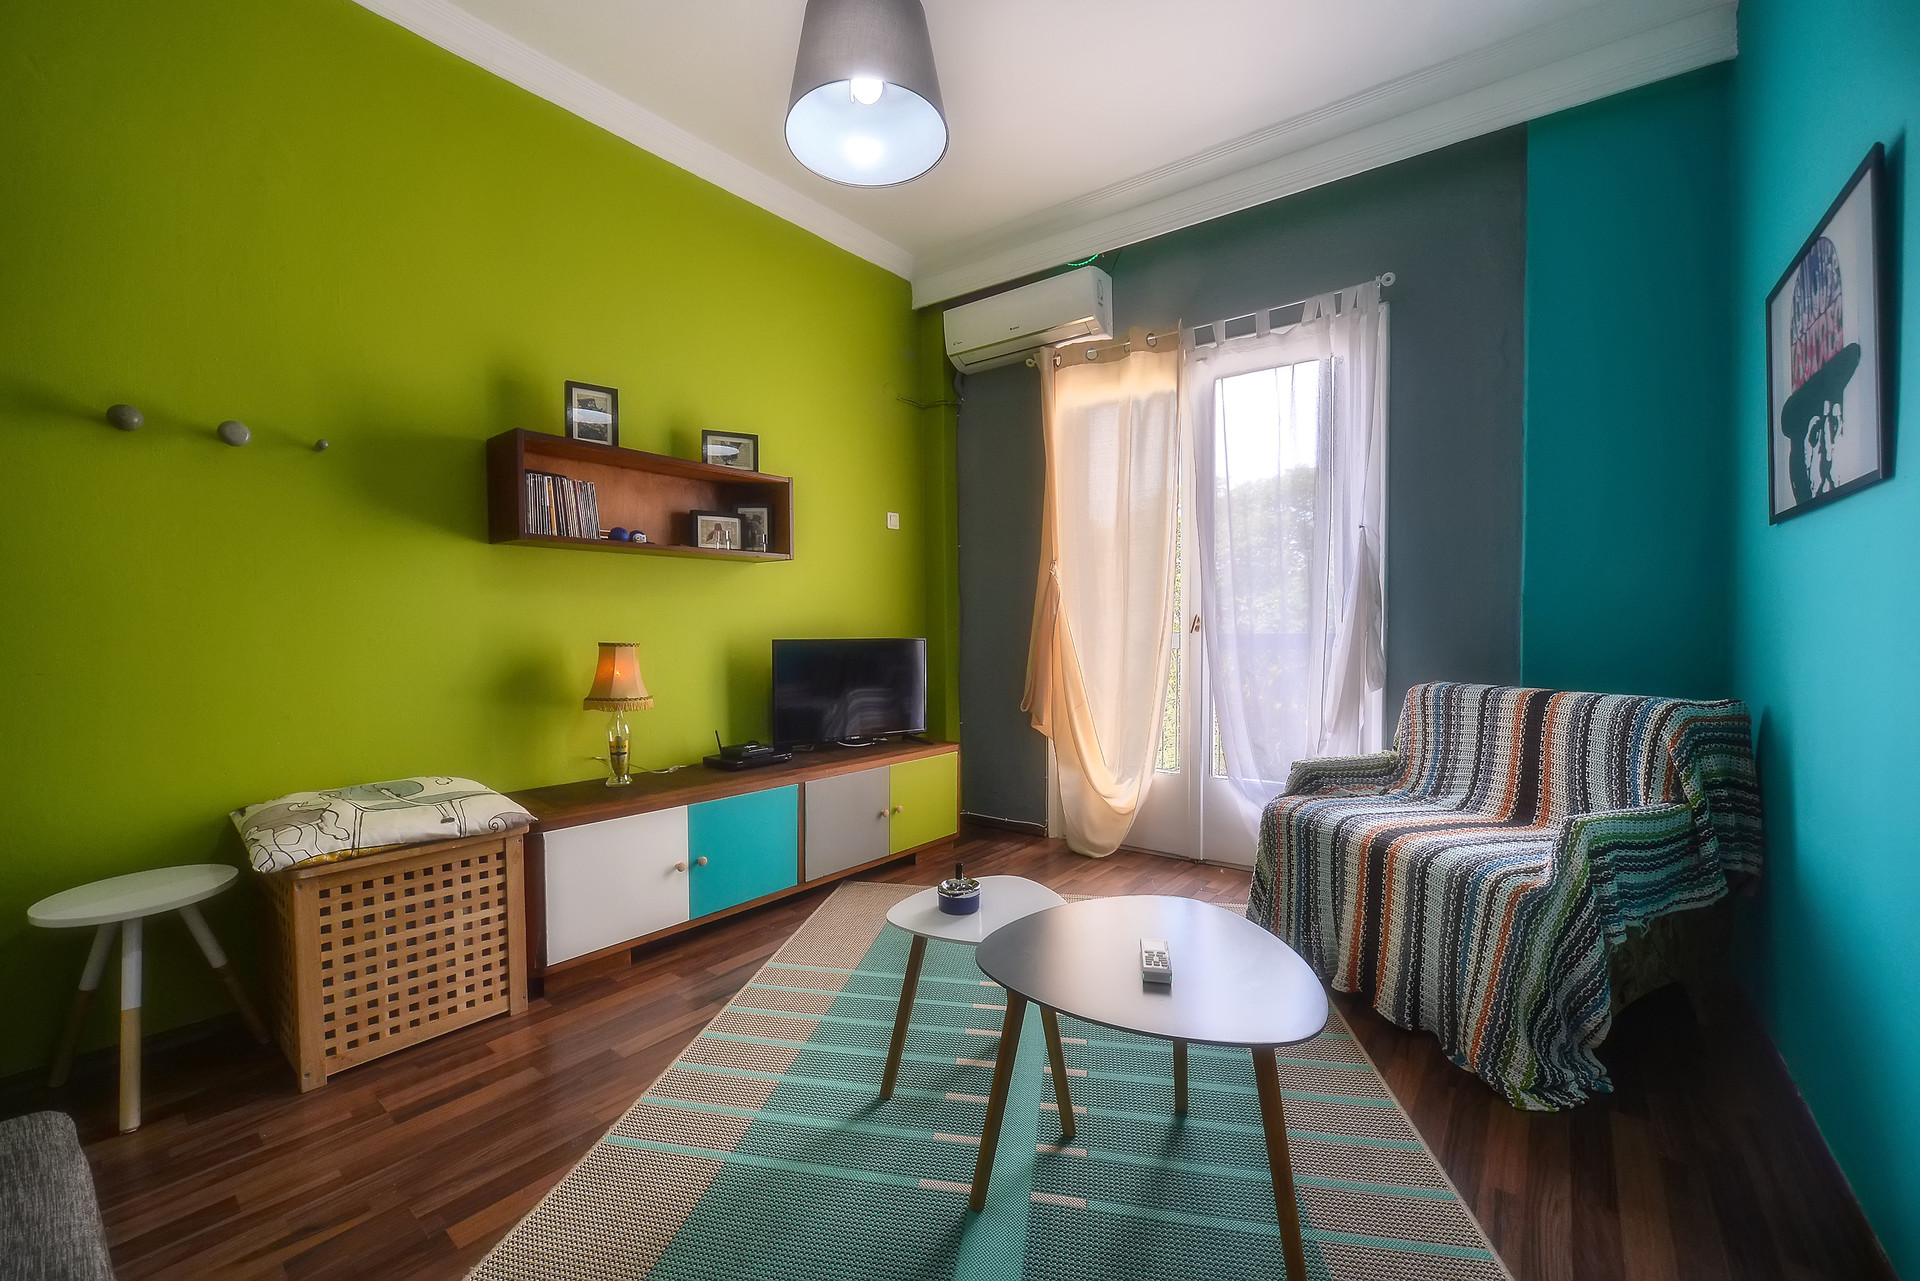 vintage-apartment-downtown-8ded8bce9962955709937bb97c3366b7